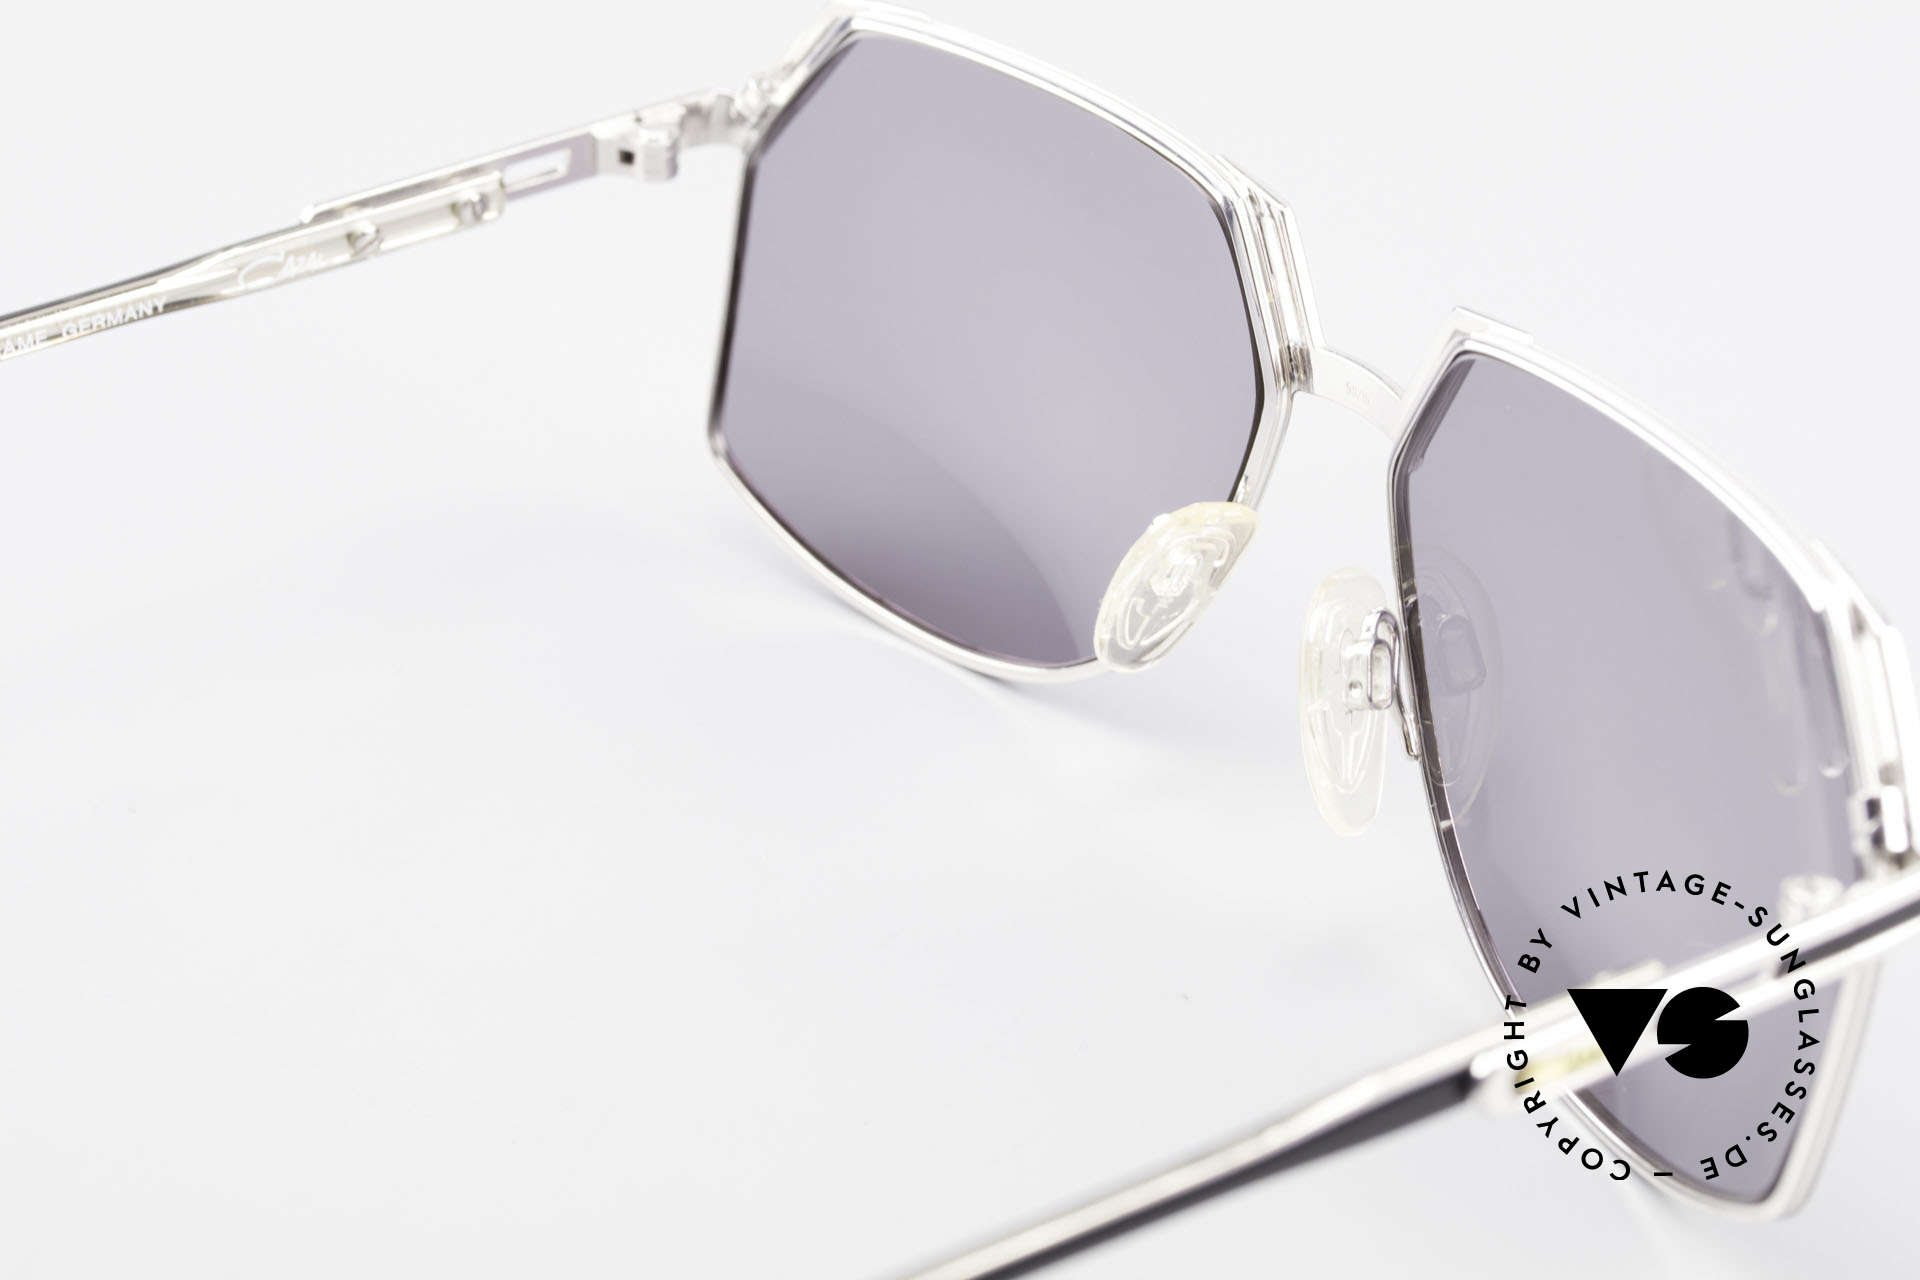 Cazal 738 True Vintage Sonnenbrille, Fassung ist natürlich auch für optische Gläser geeignet, Passend für Herren